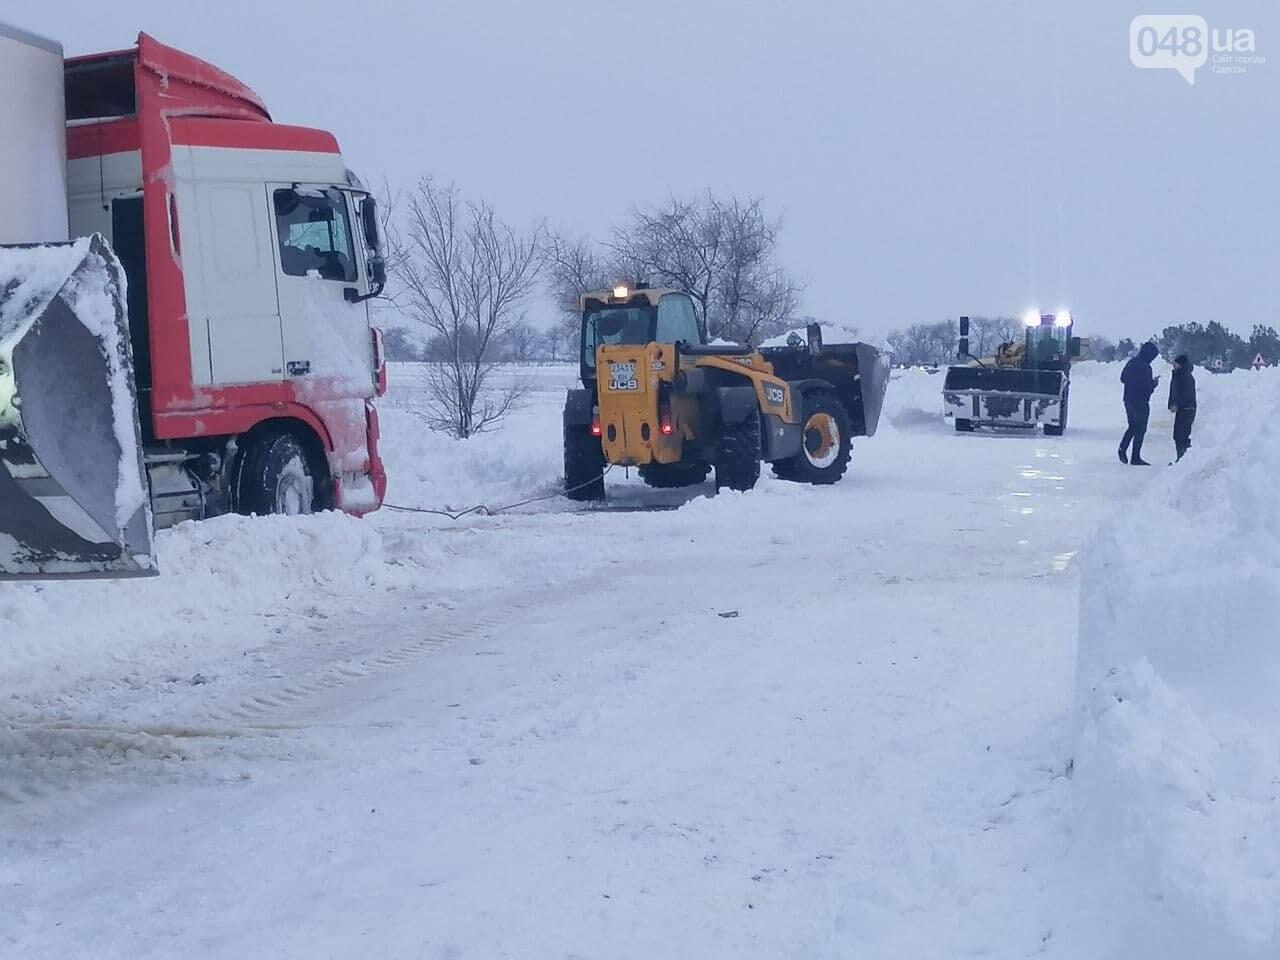 300 грузовых автомобилей застряли в снегу на трассах в Одесской области,- ФОТО, ВИДЕО, фото-2